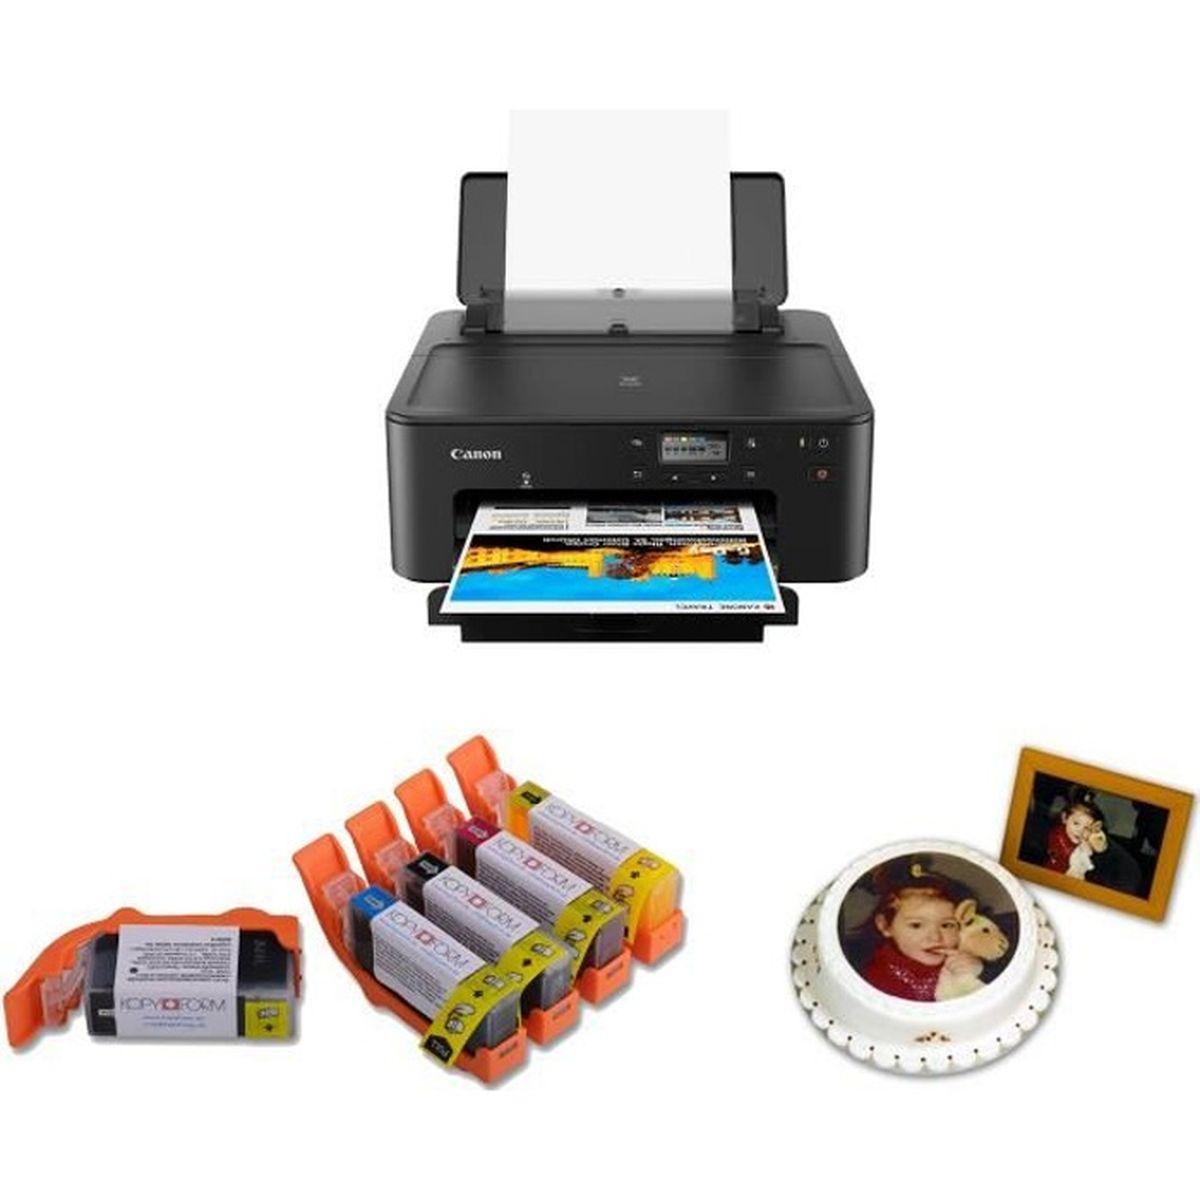 PIÈCE PRÉPARATION   Alimentaire Imprimante A4 Kit complet avec 5 carto